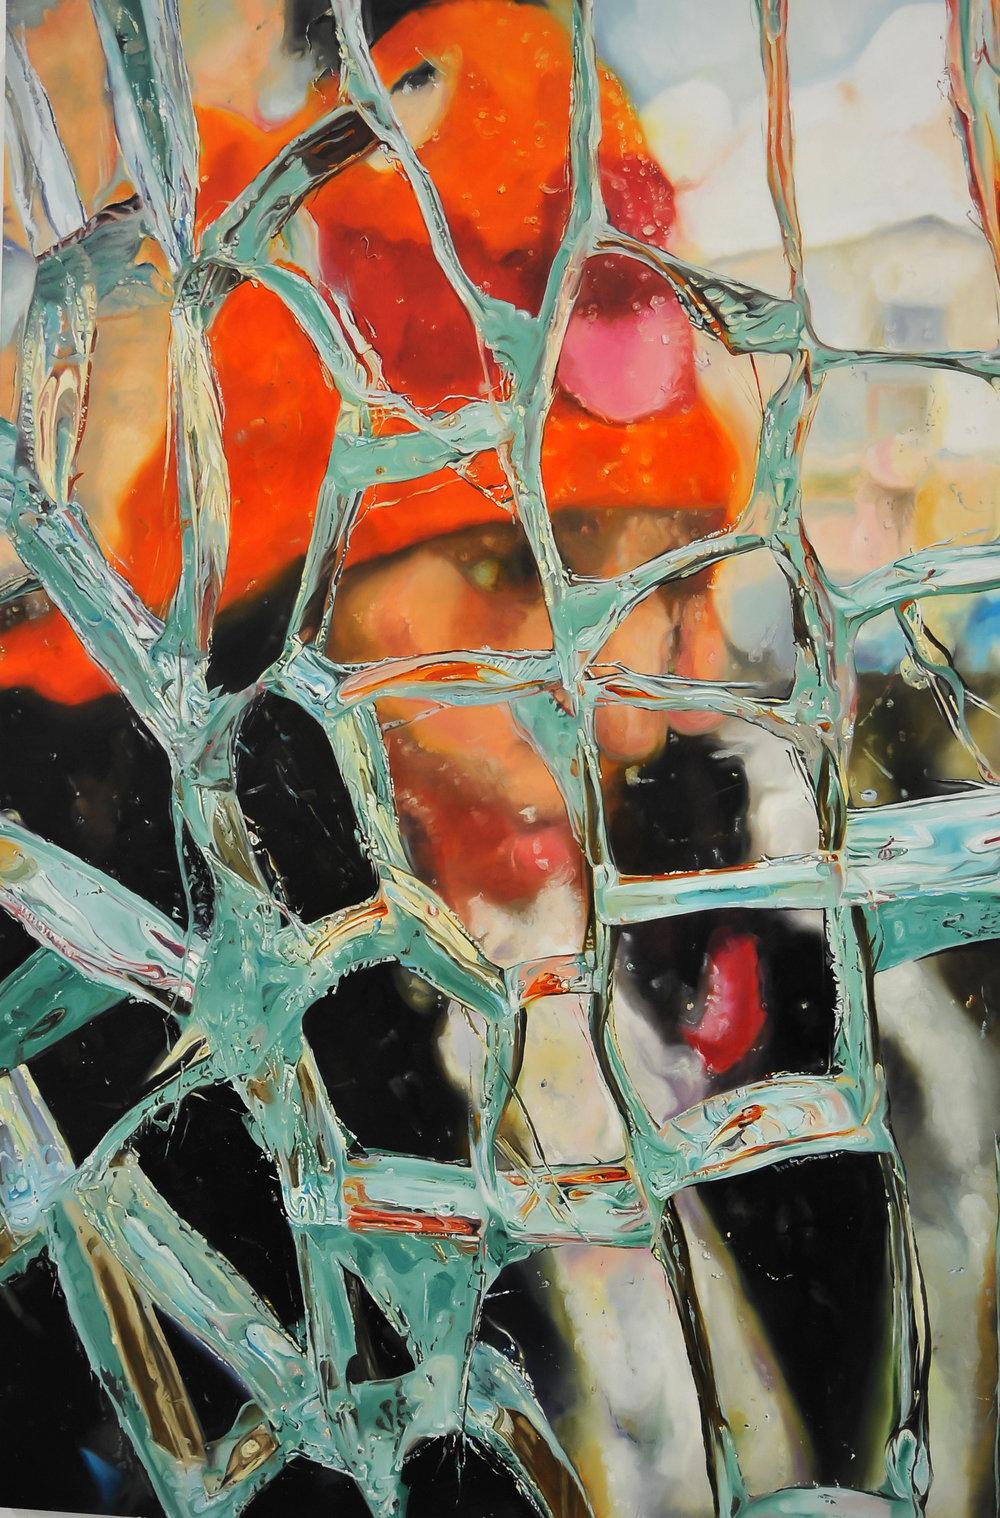 Behind Broken Glass